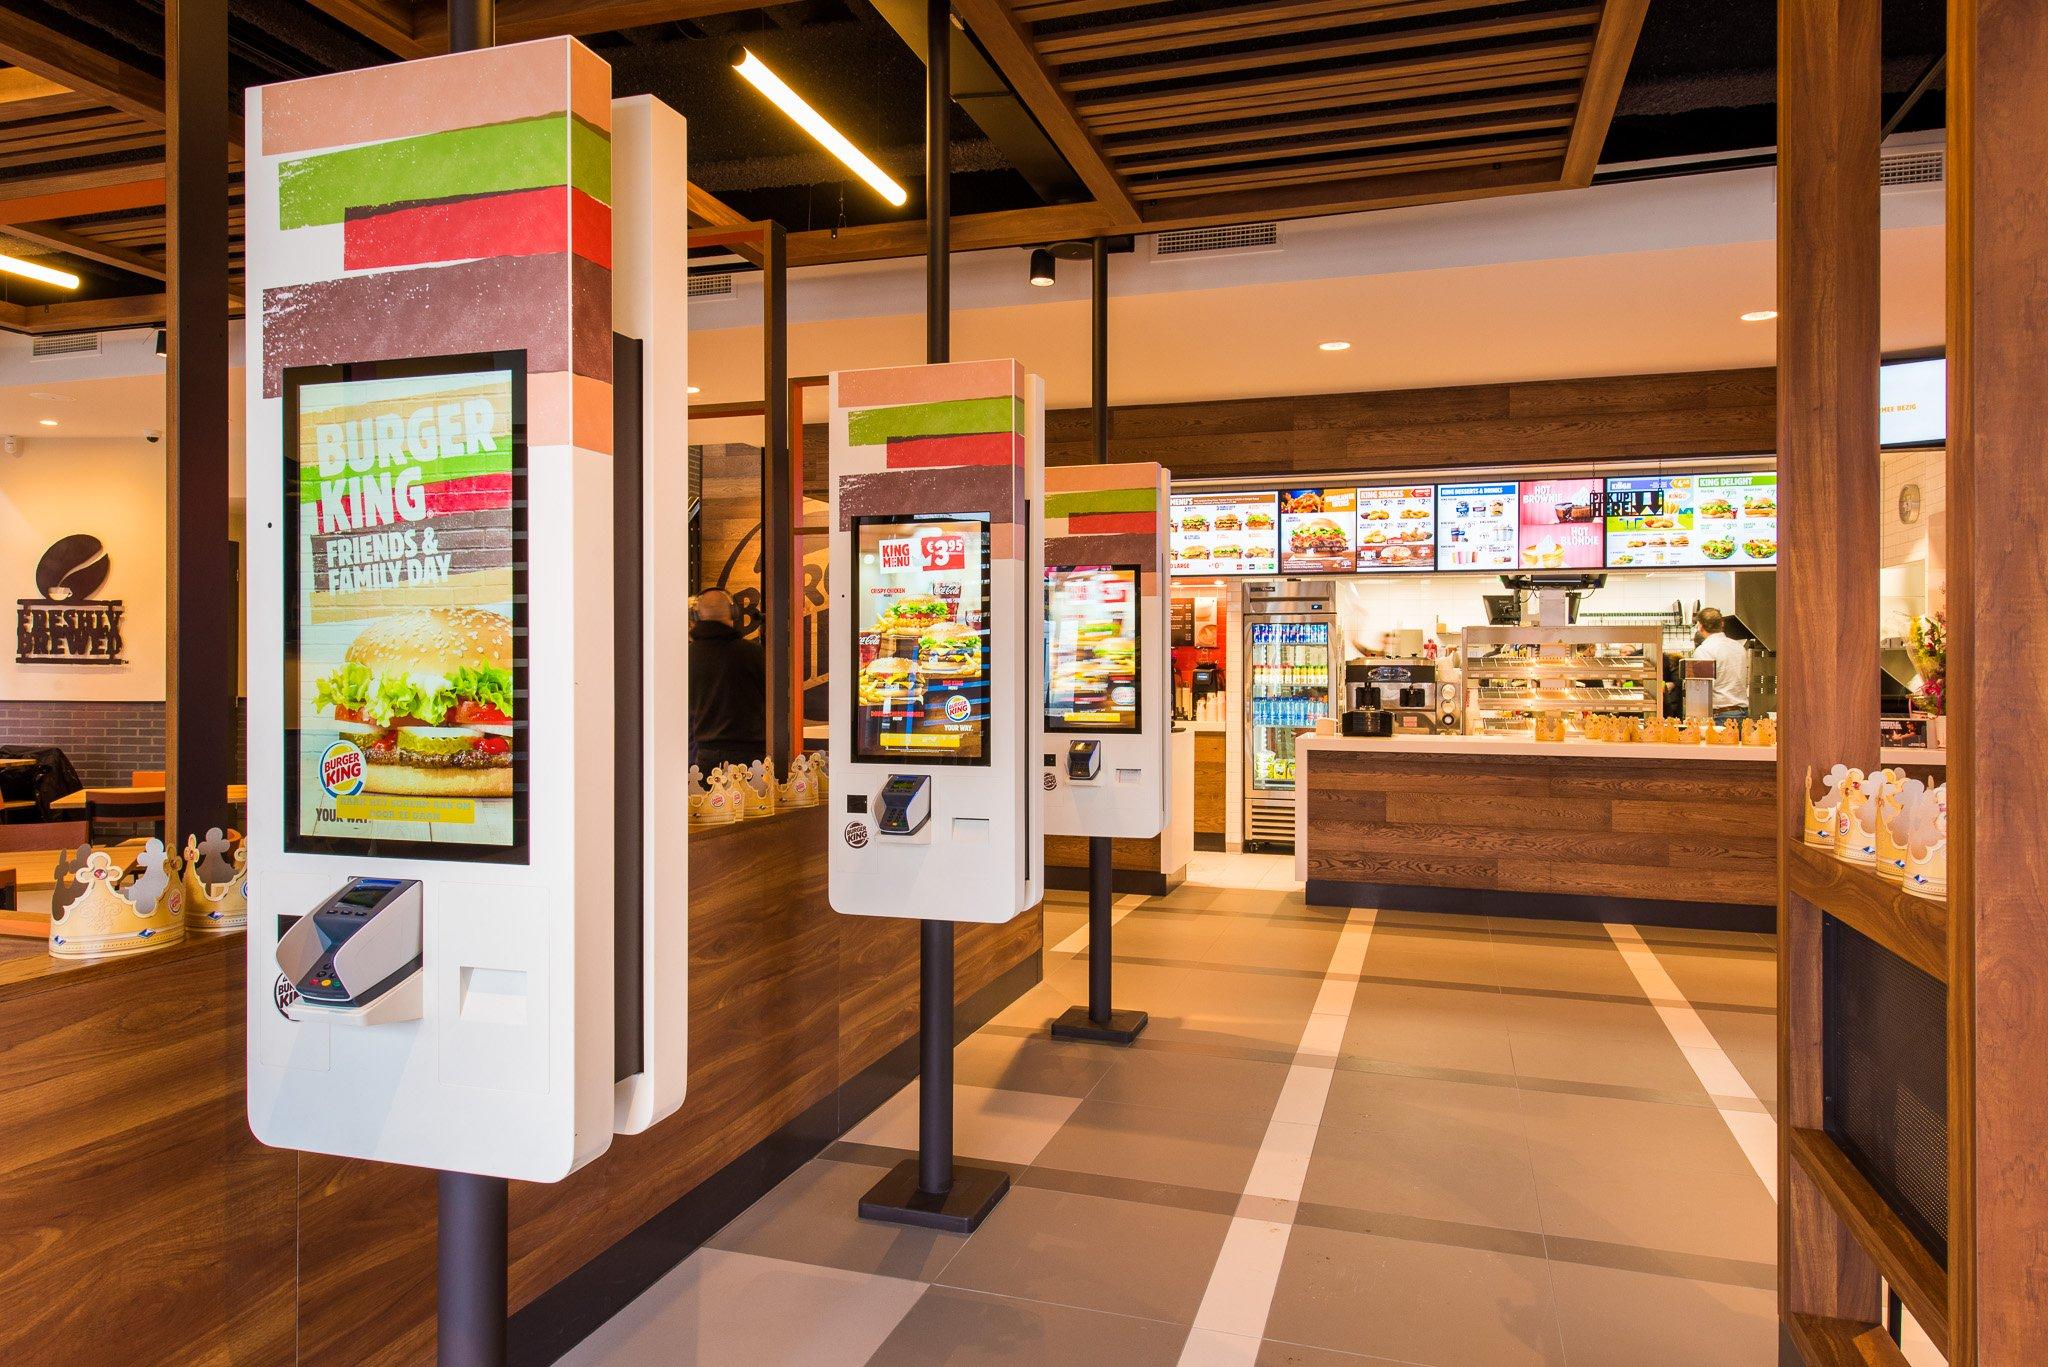 Burger-King-Beverwijk-Restaurant.jpg